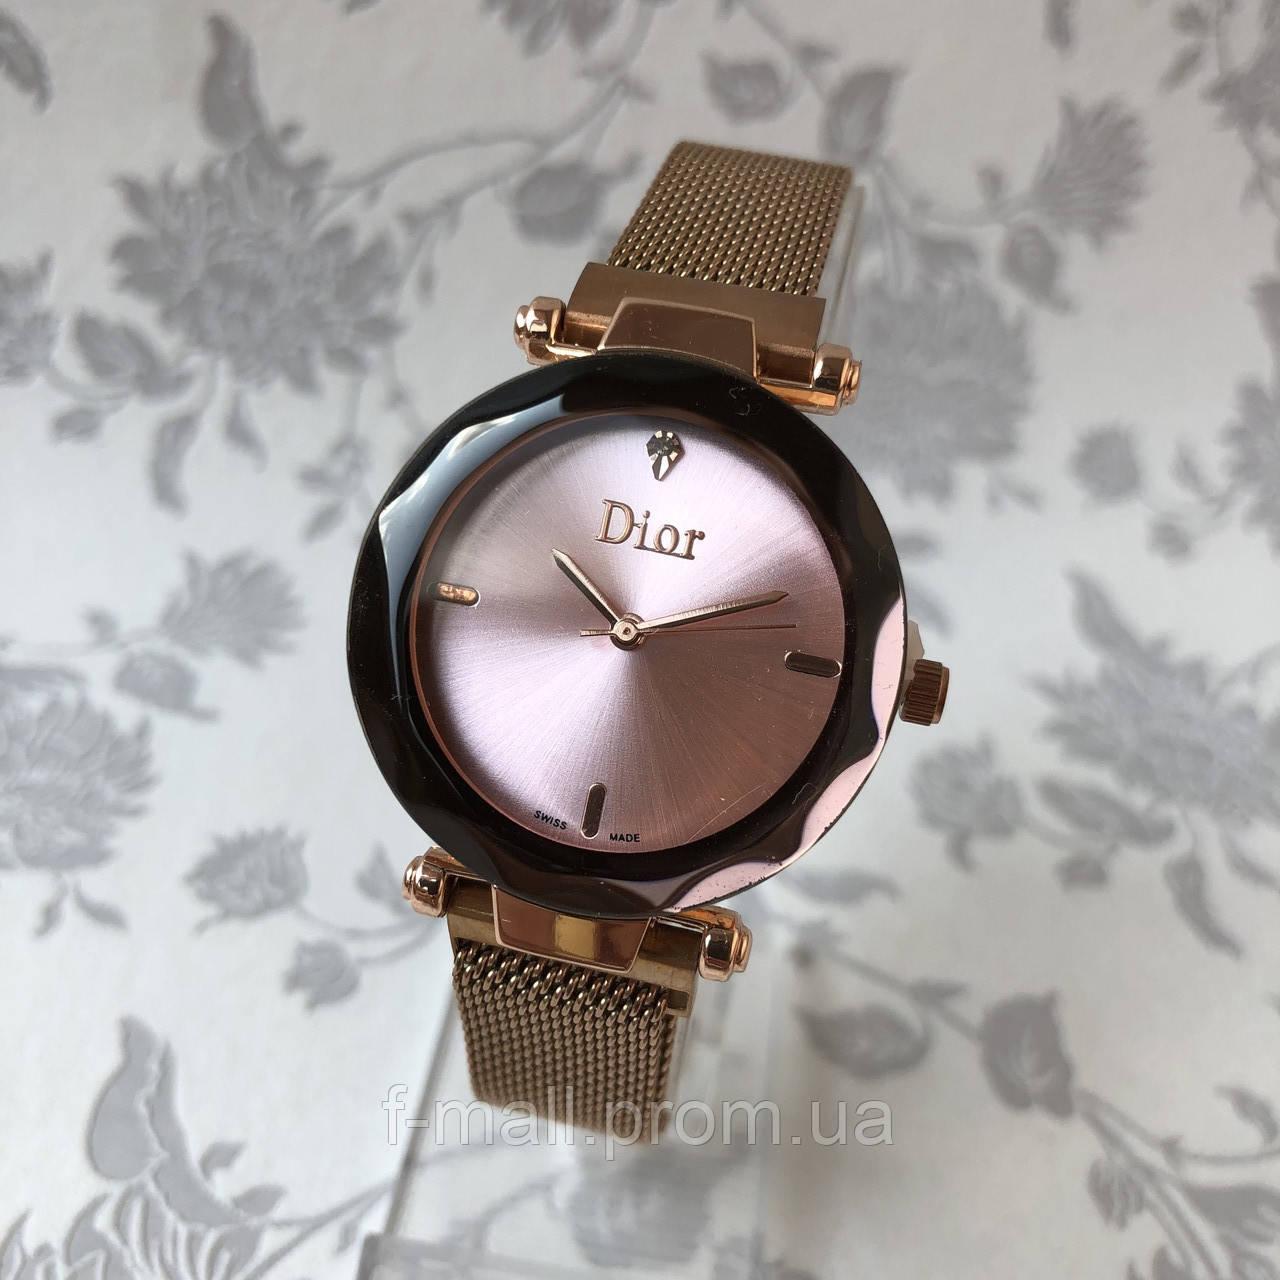 Женские наручные часы на магните